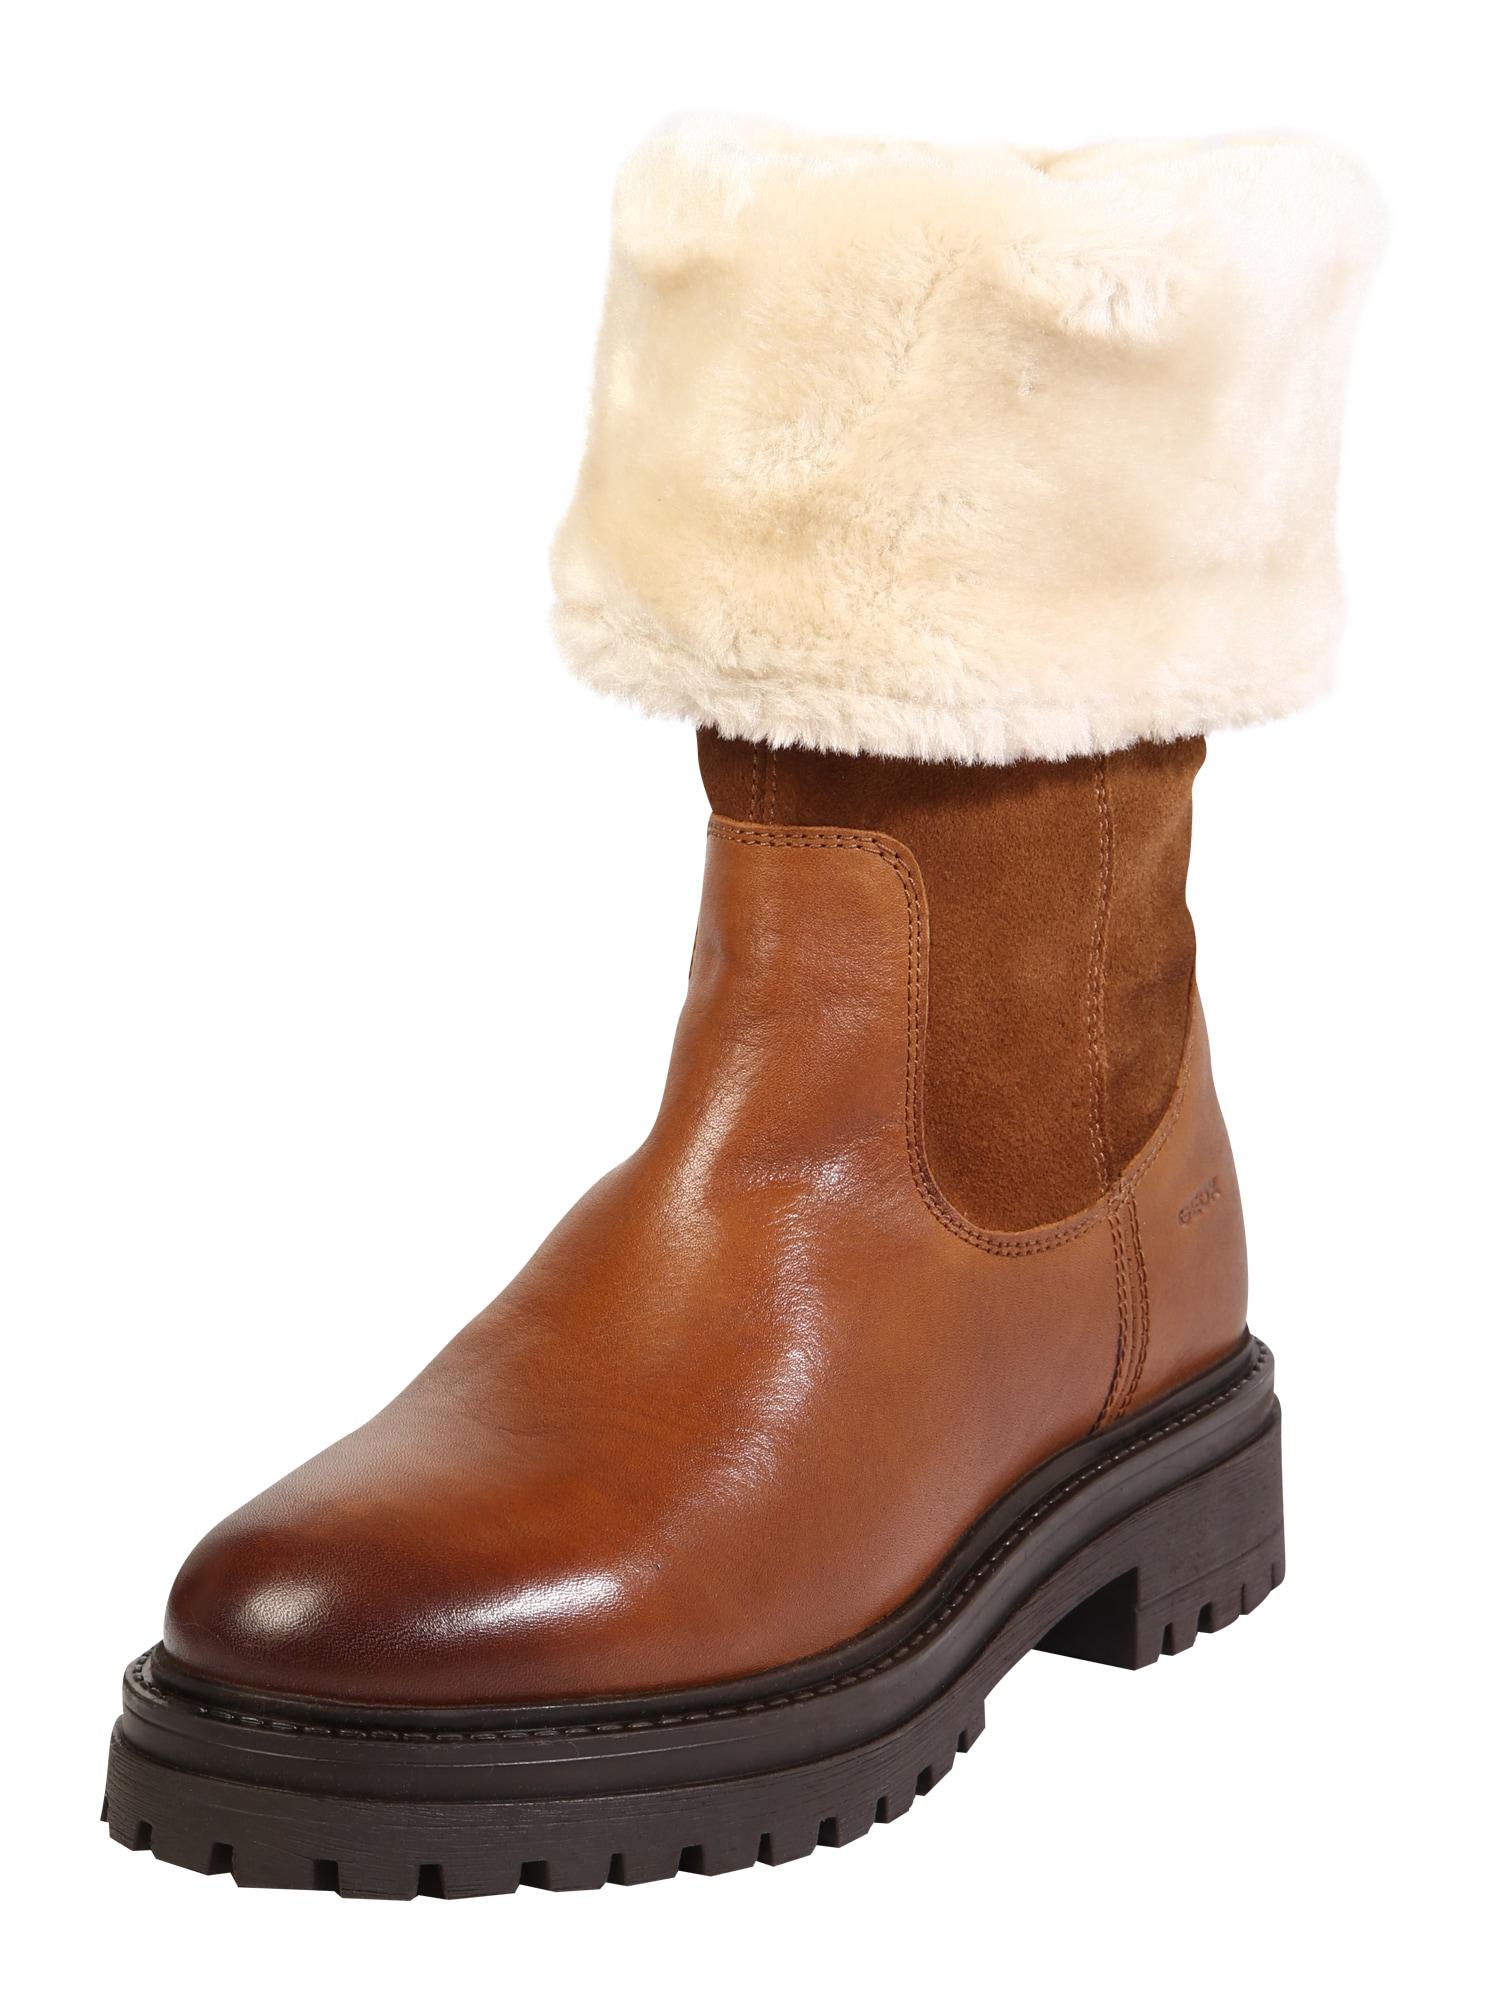 GEOX Auliniai batai su kulniuku 'Iridea' ruda (konjako)